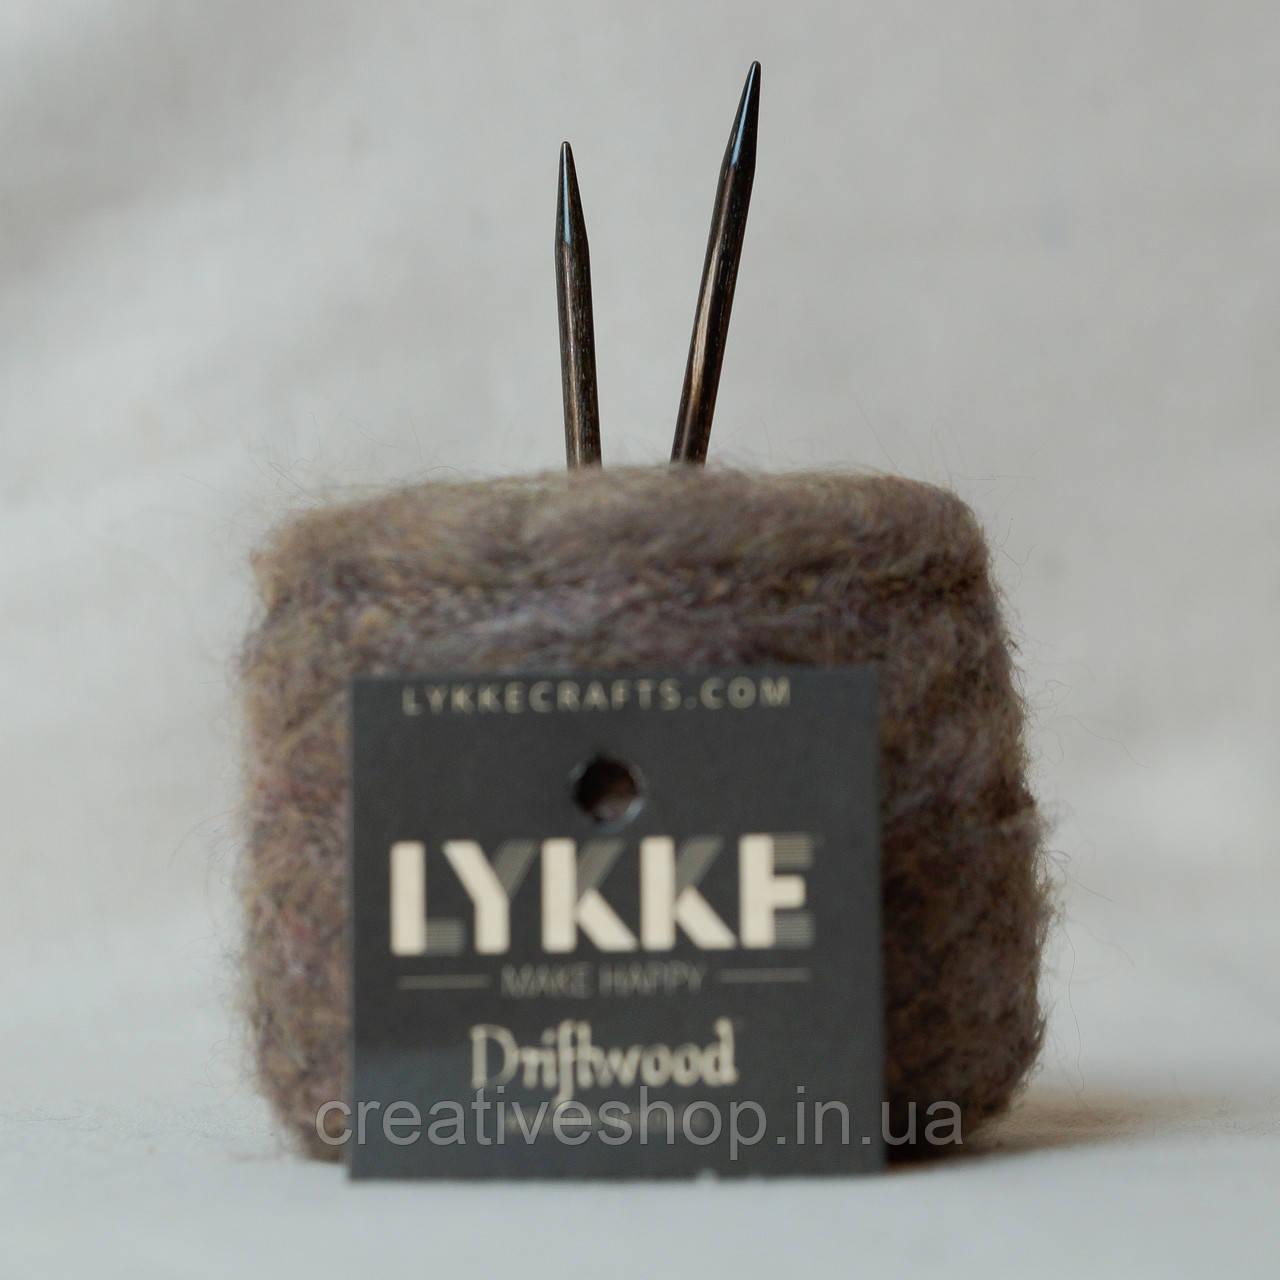 Съемные стандартные спицы Lykke Driftwood 5